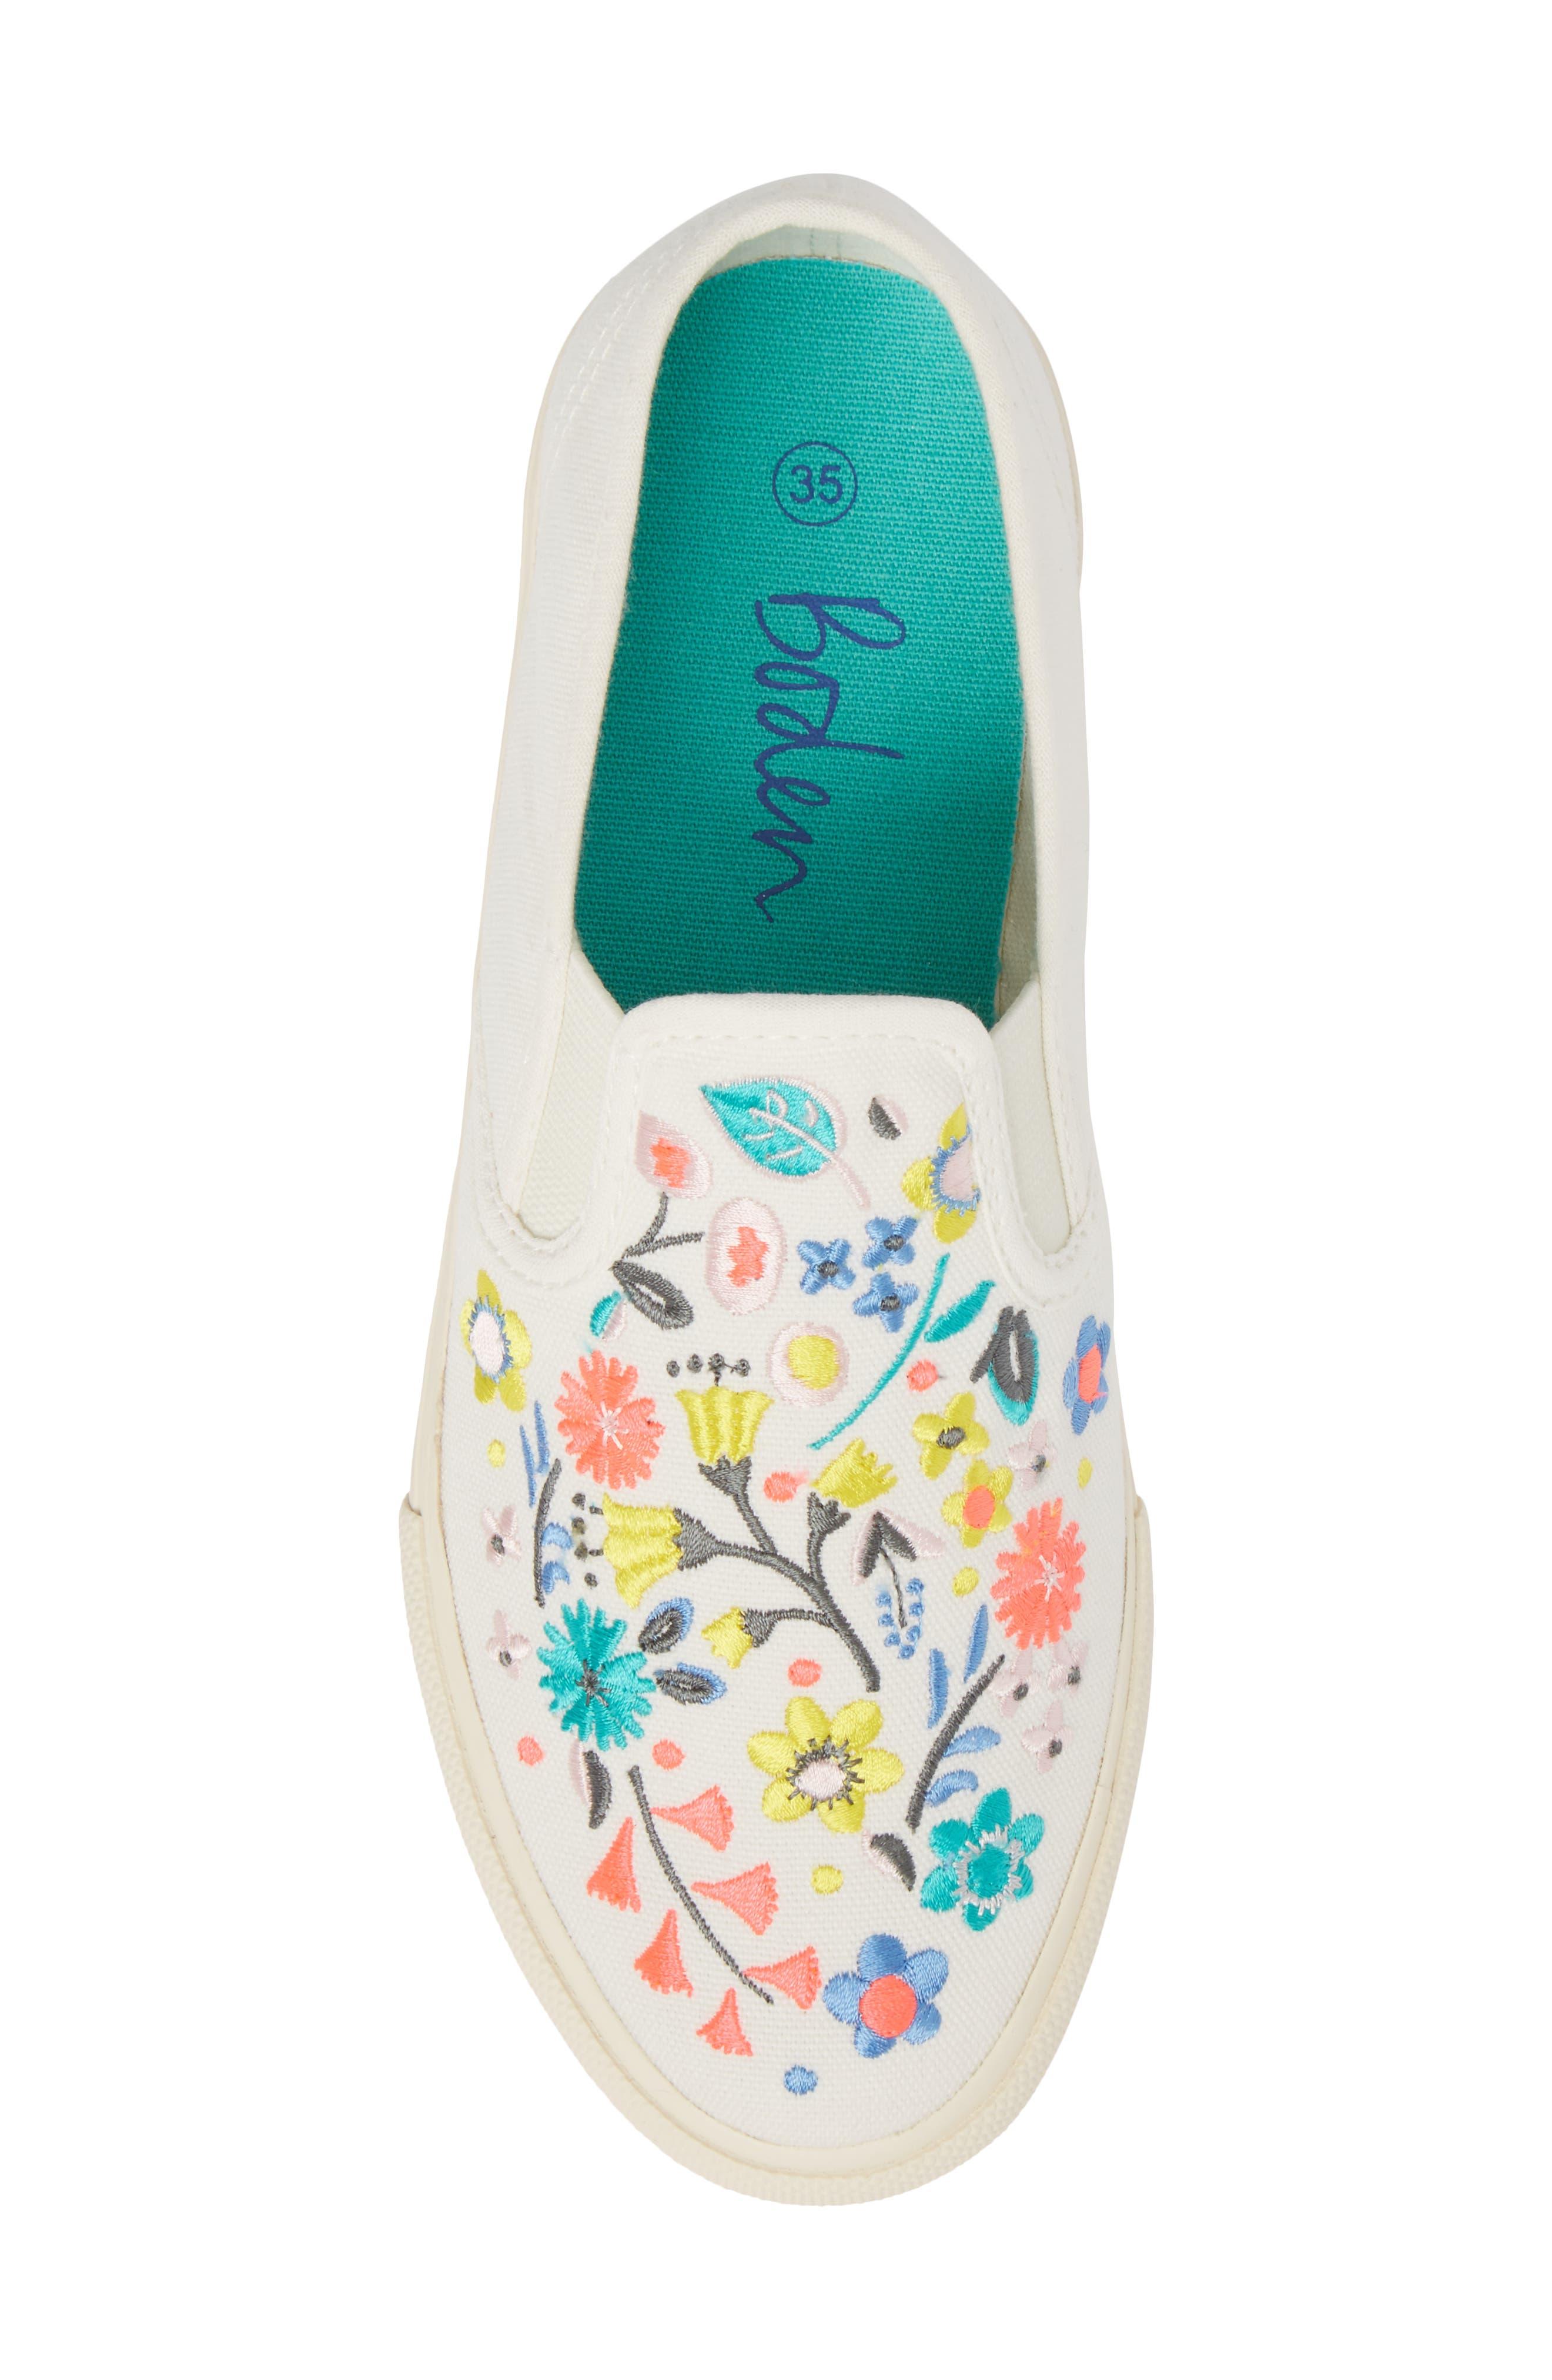 Boden Embroidered Slip-On Sneaker,                             Alternate thumbnail 5, color,                             114